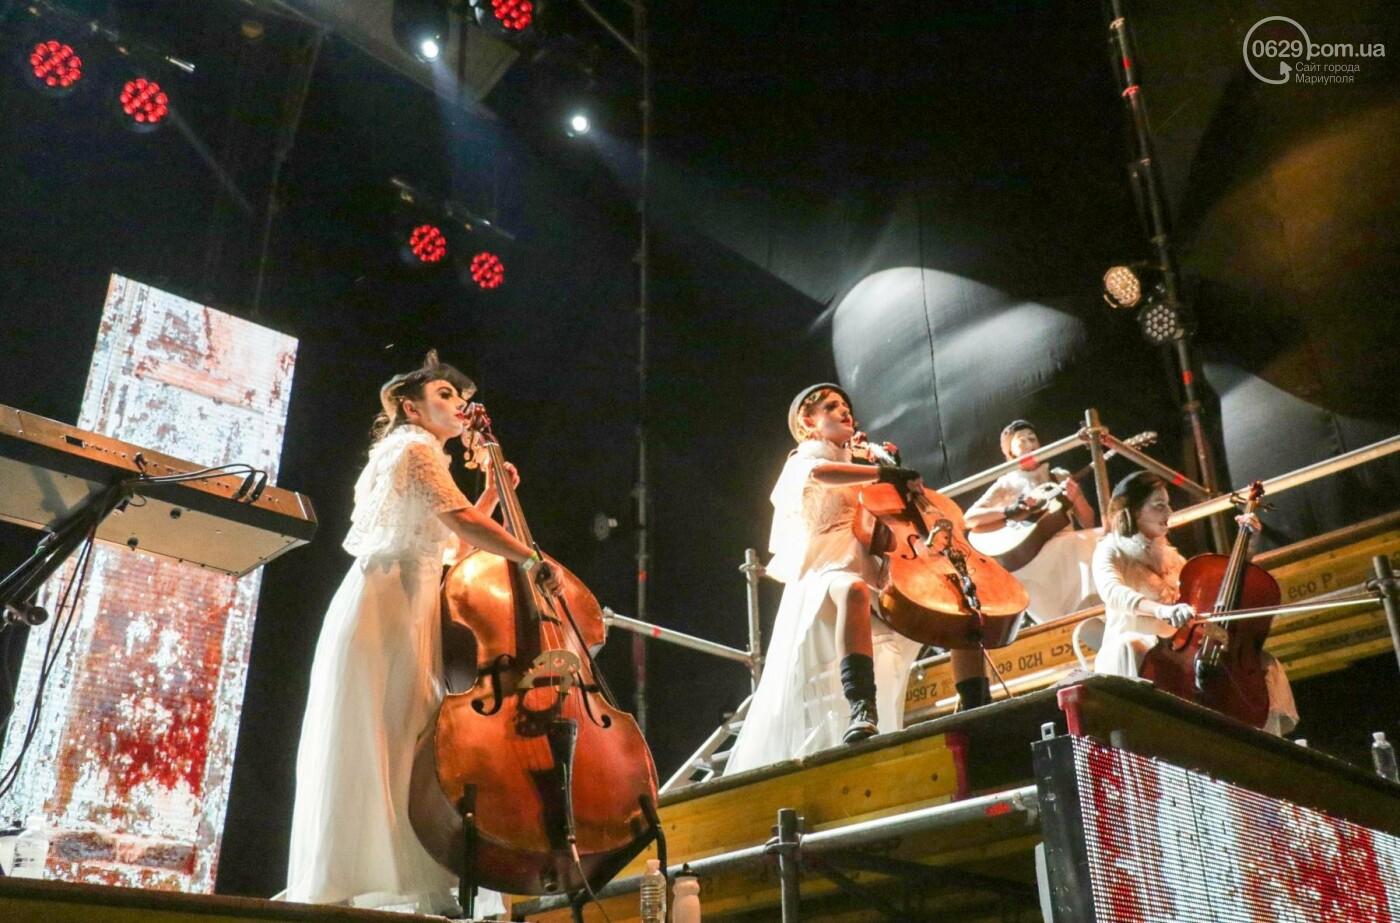 Концерт Dakh Daughters в Городском саду: фееричное открытие ГогольFesta в Мариуполе (ФОТОРЕПОРТАЖ, ВИДЕО), фото-3